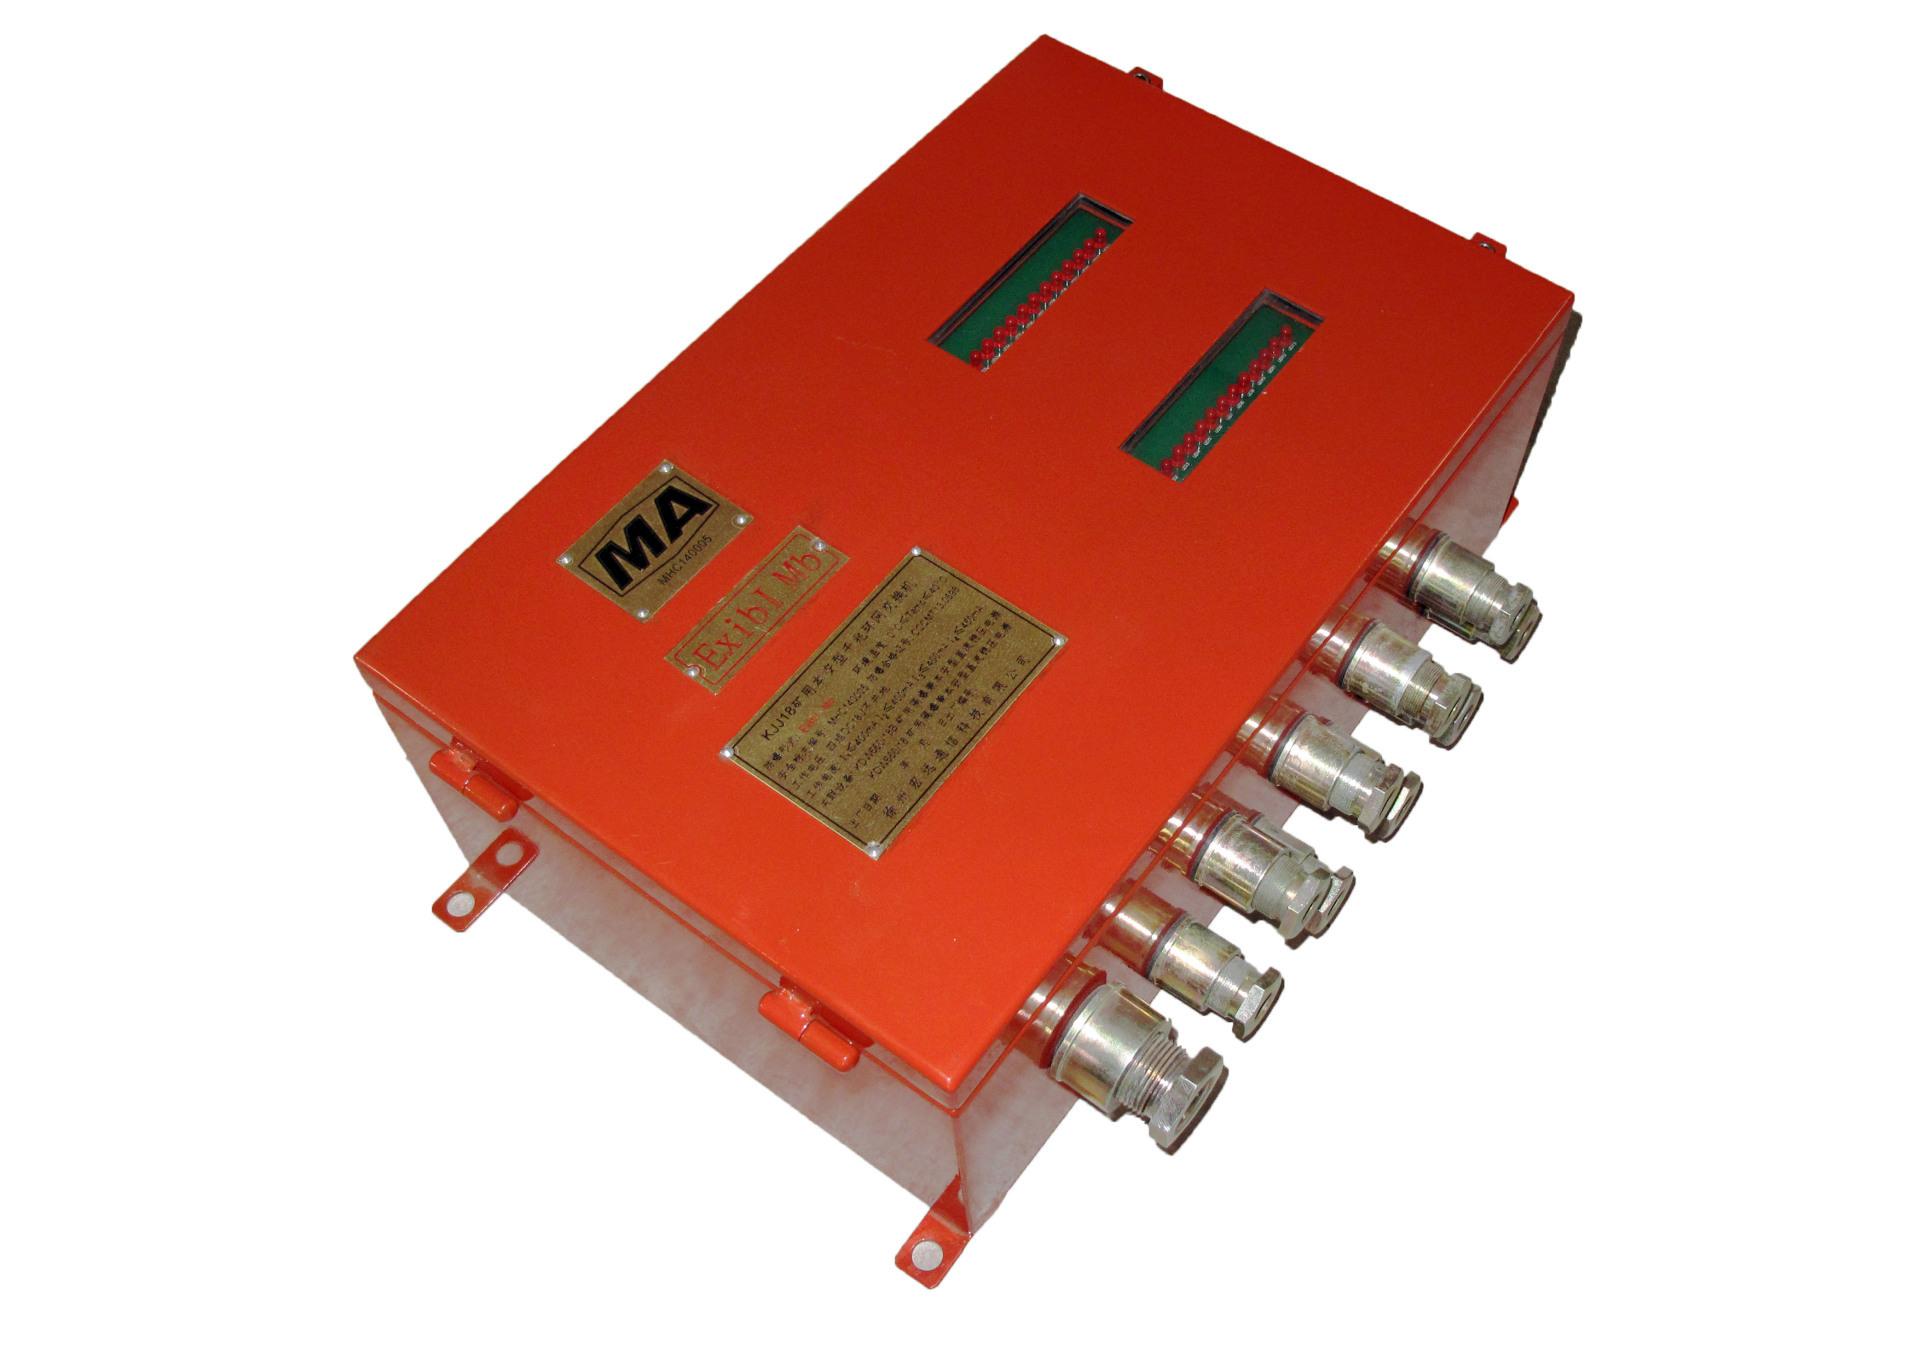 KJJ18矿用本安型千兆环网交换机 工业以太环网制式综合网络设备